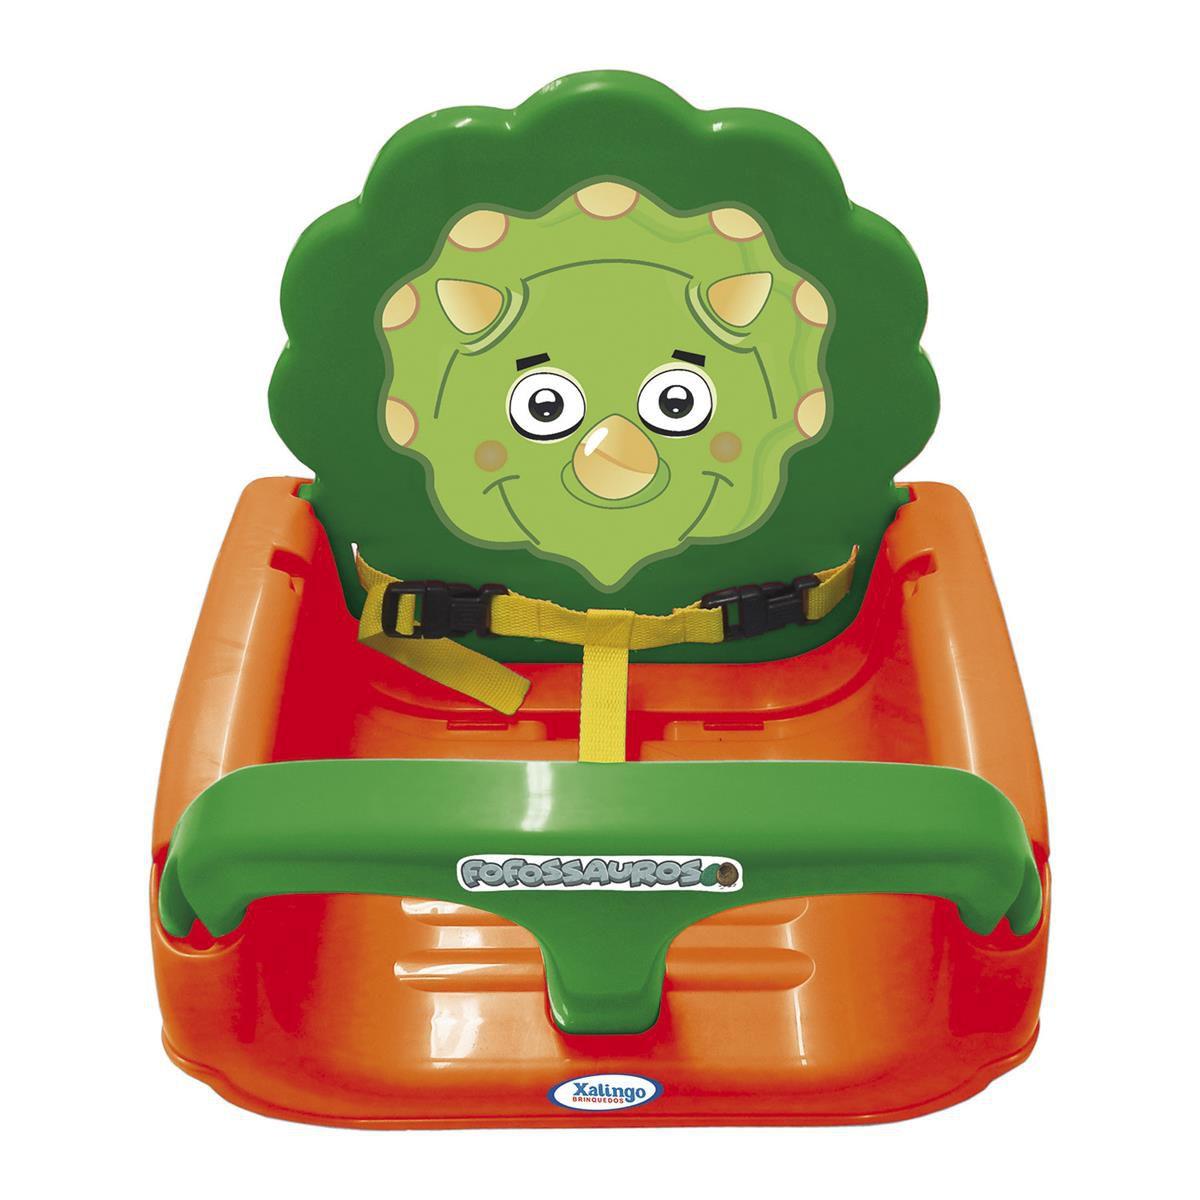 Balanço Infantil com Encosto Regulável Fofossauros Ref 9254 Xalingo